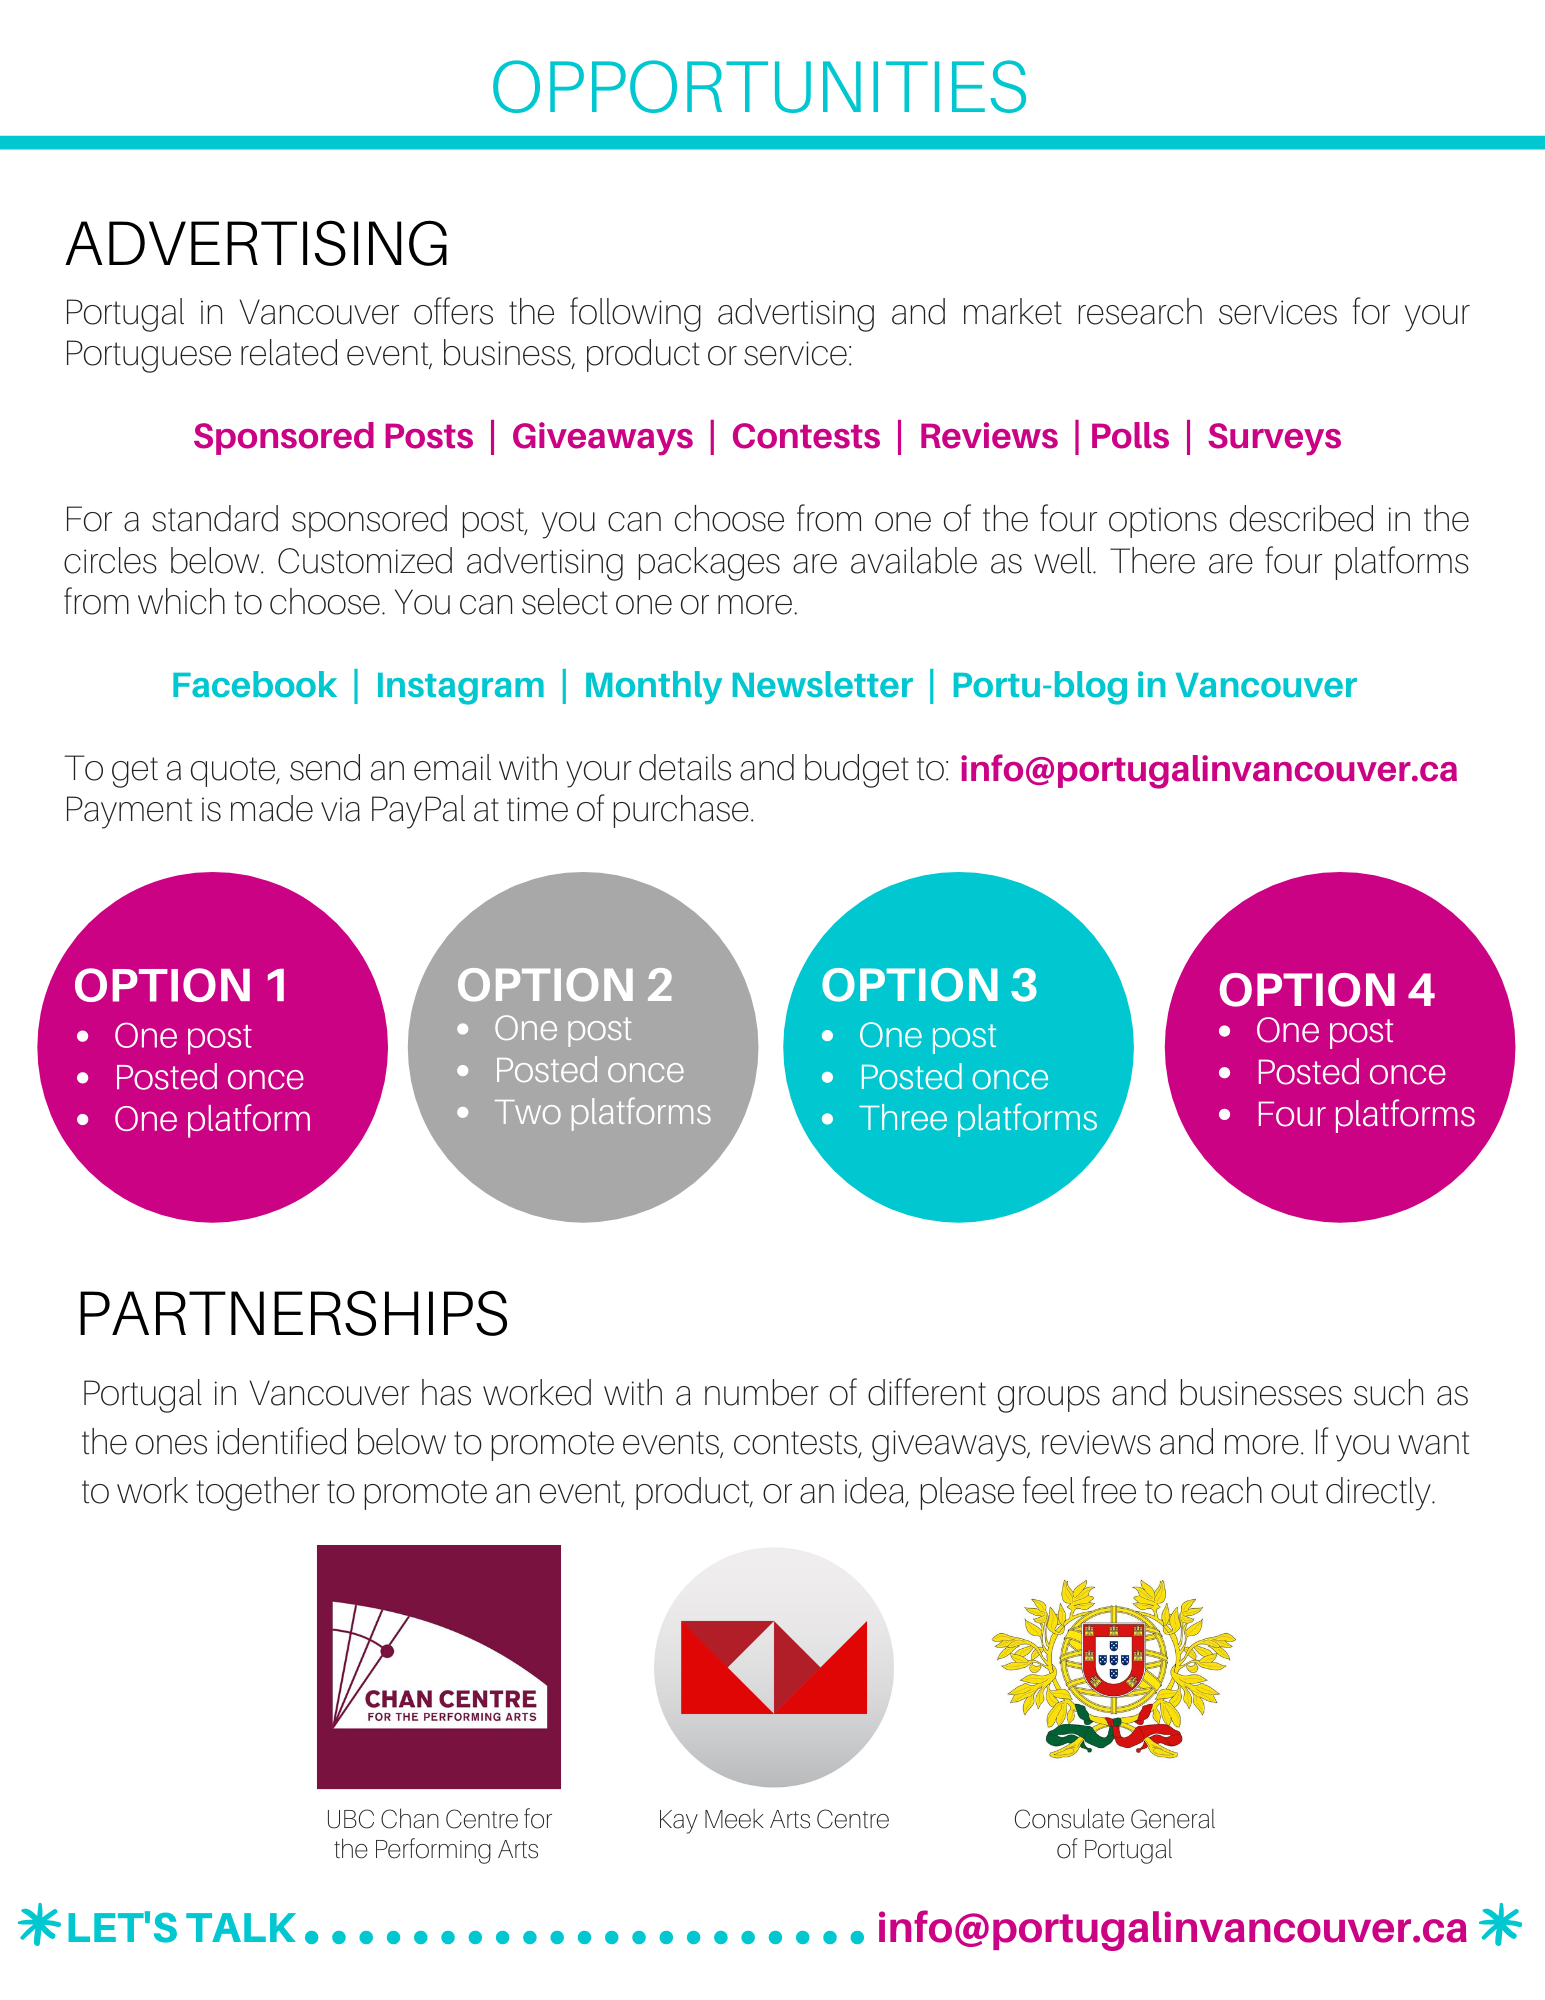 Portugal in Vancouver Media Kit - January 2020